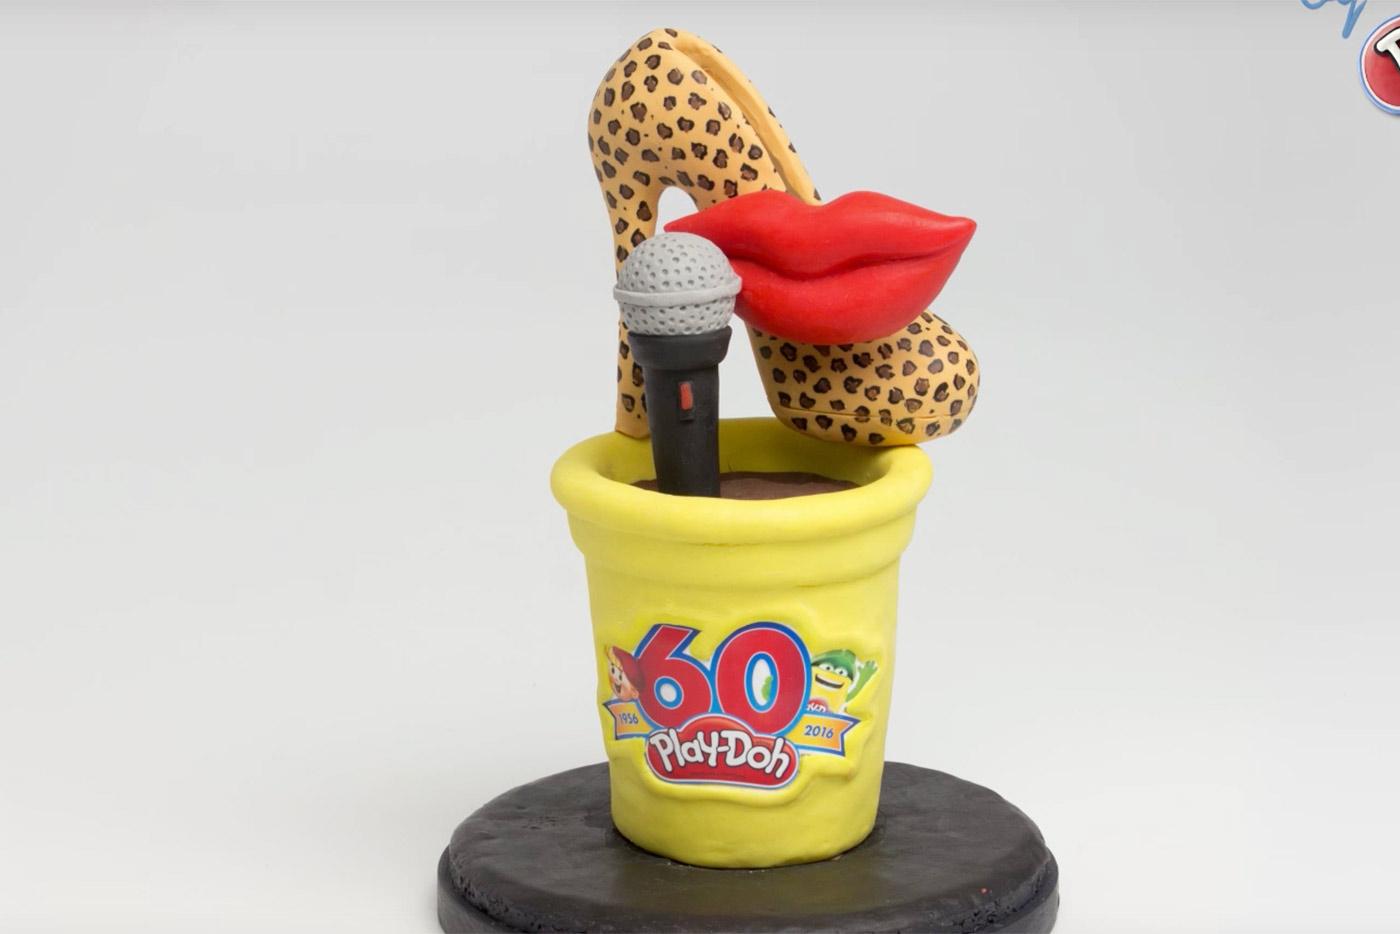 Play-Doh celebra 60 años con cultura pop y solidaridad